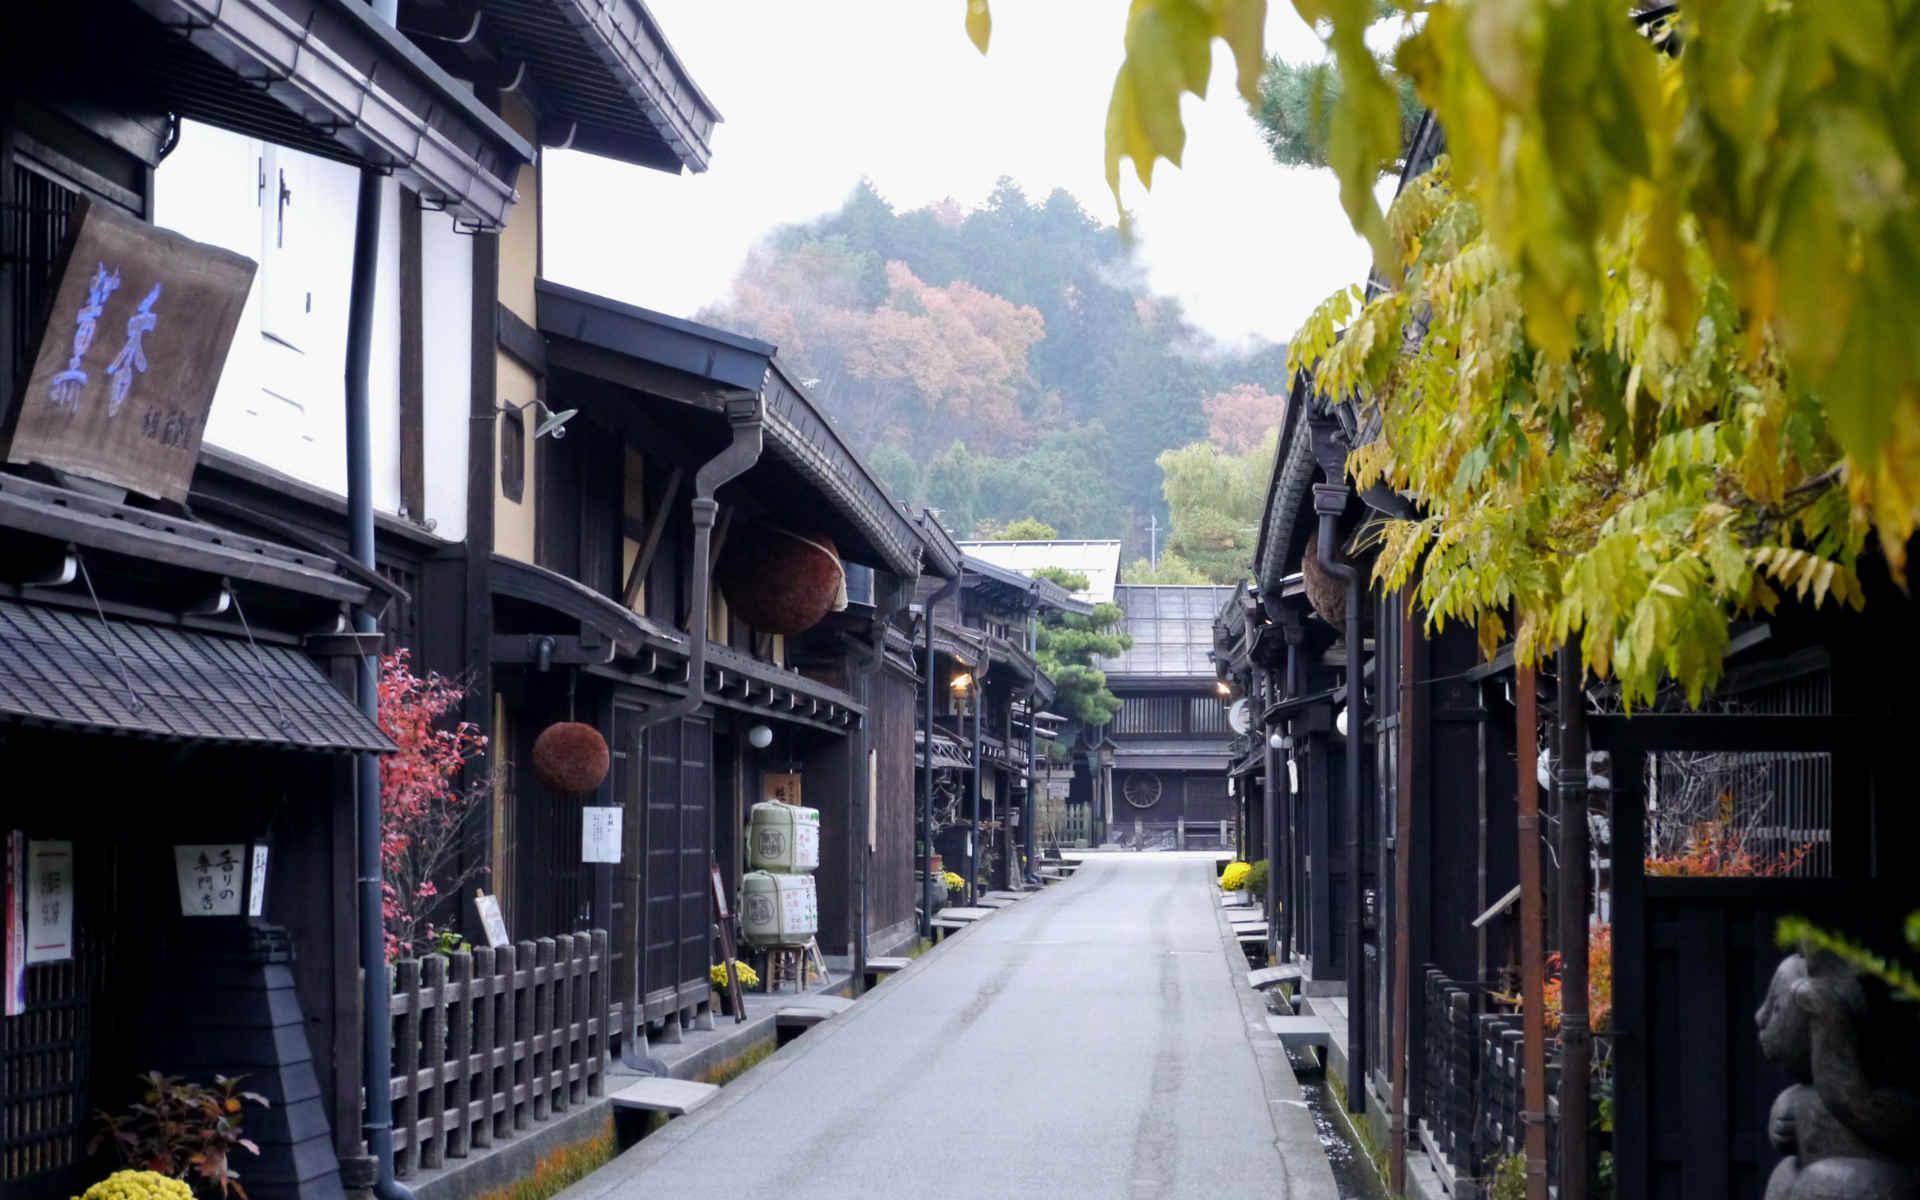 「飛騨高山を1泊2日で」編集部おすすめコース。朝市や郷土料理、版画文化など「古きよき日本」がここに